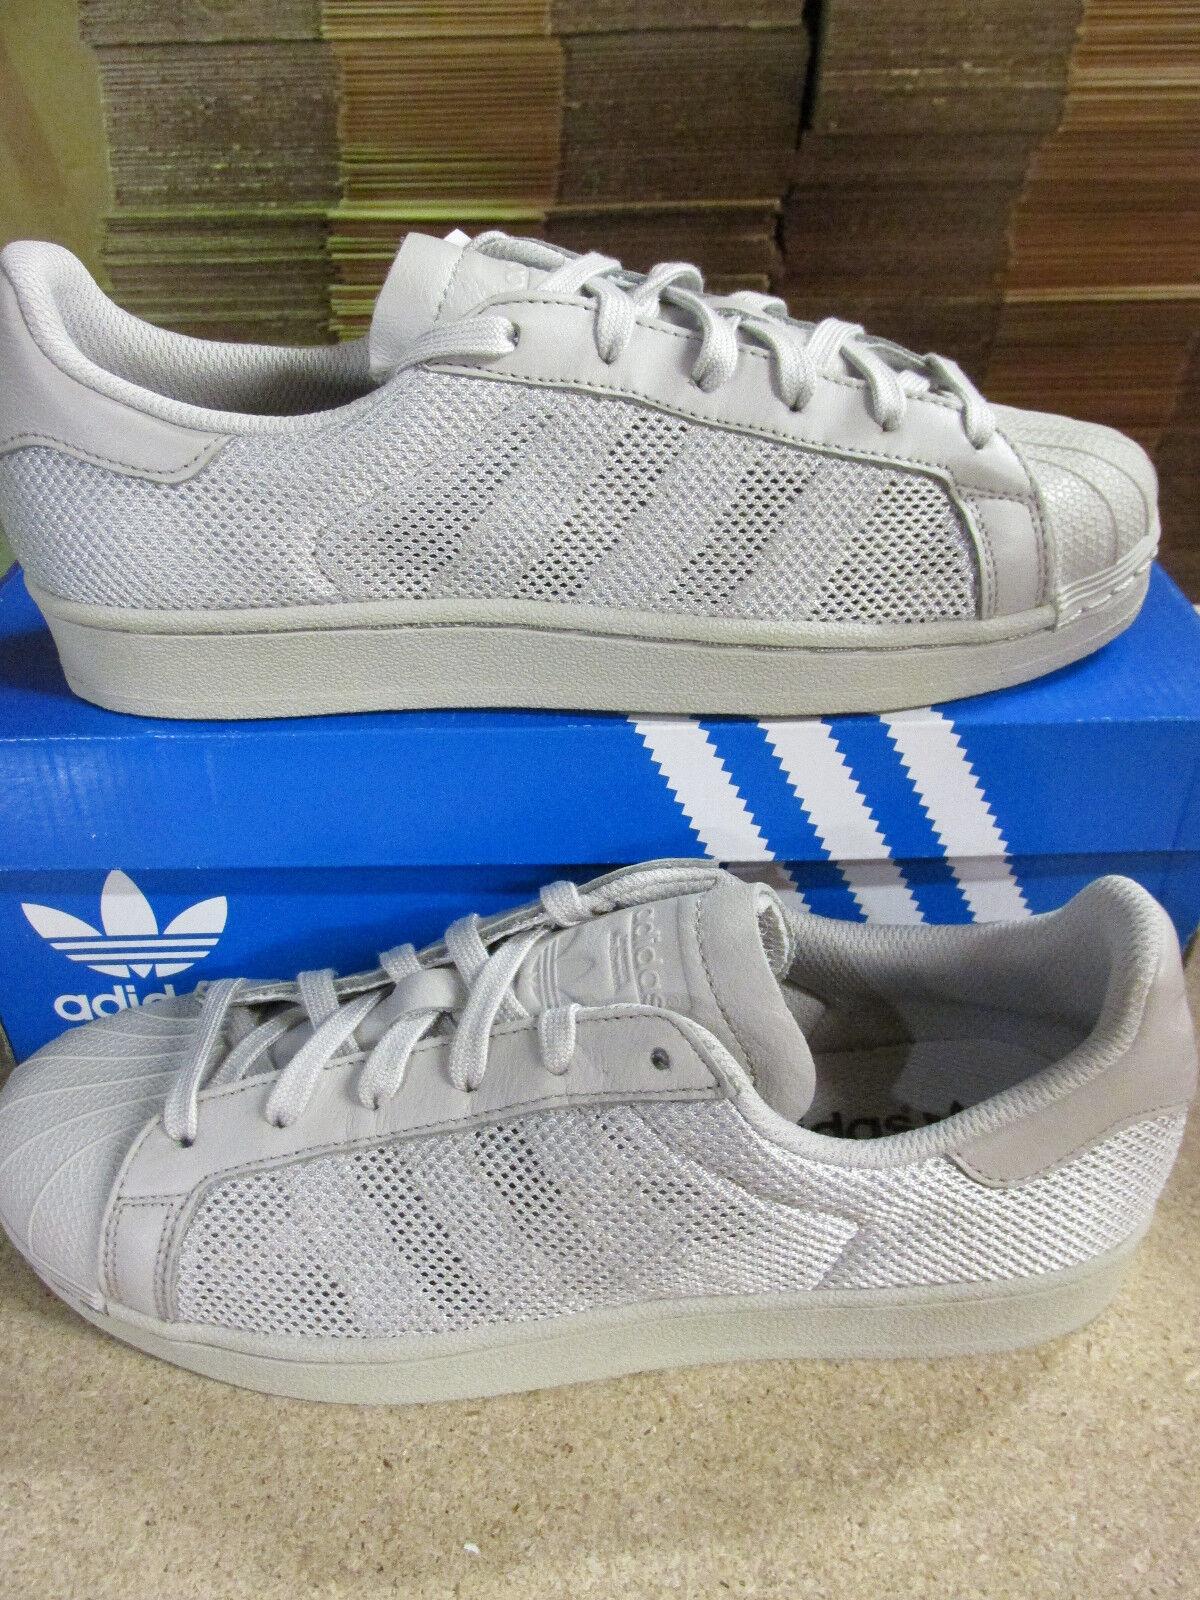 ADIDAS Originals Superstar TRIPLE scarpe da ginnastica Uomo bb3696 bb3696 bb3696 Scarpe Da Ginnastica Scarpe 64ef6a